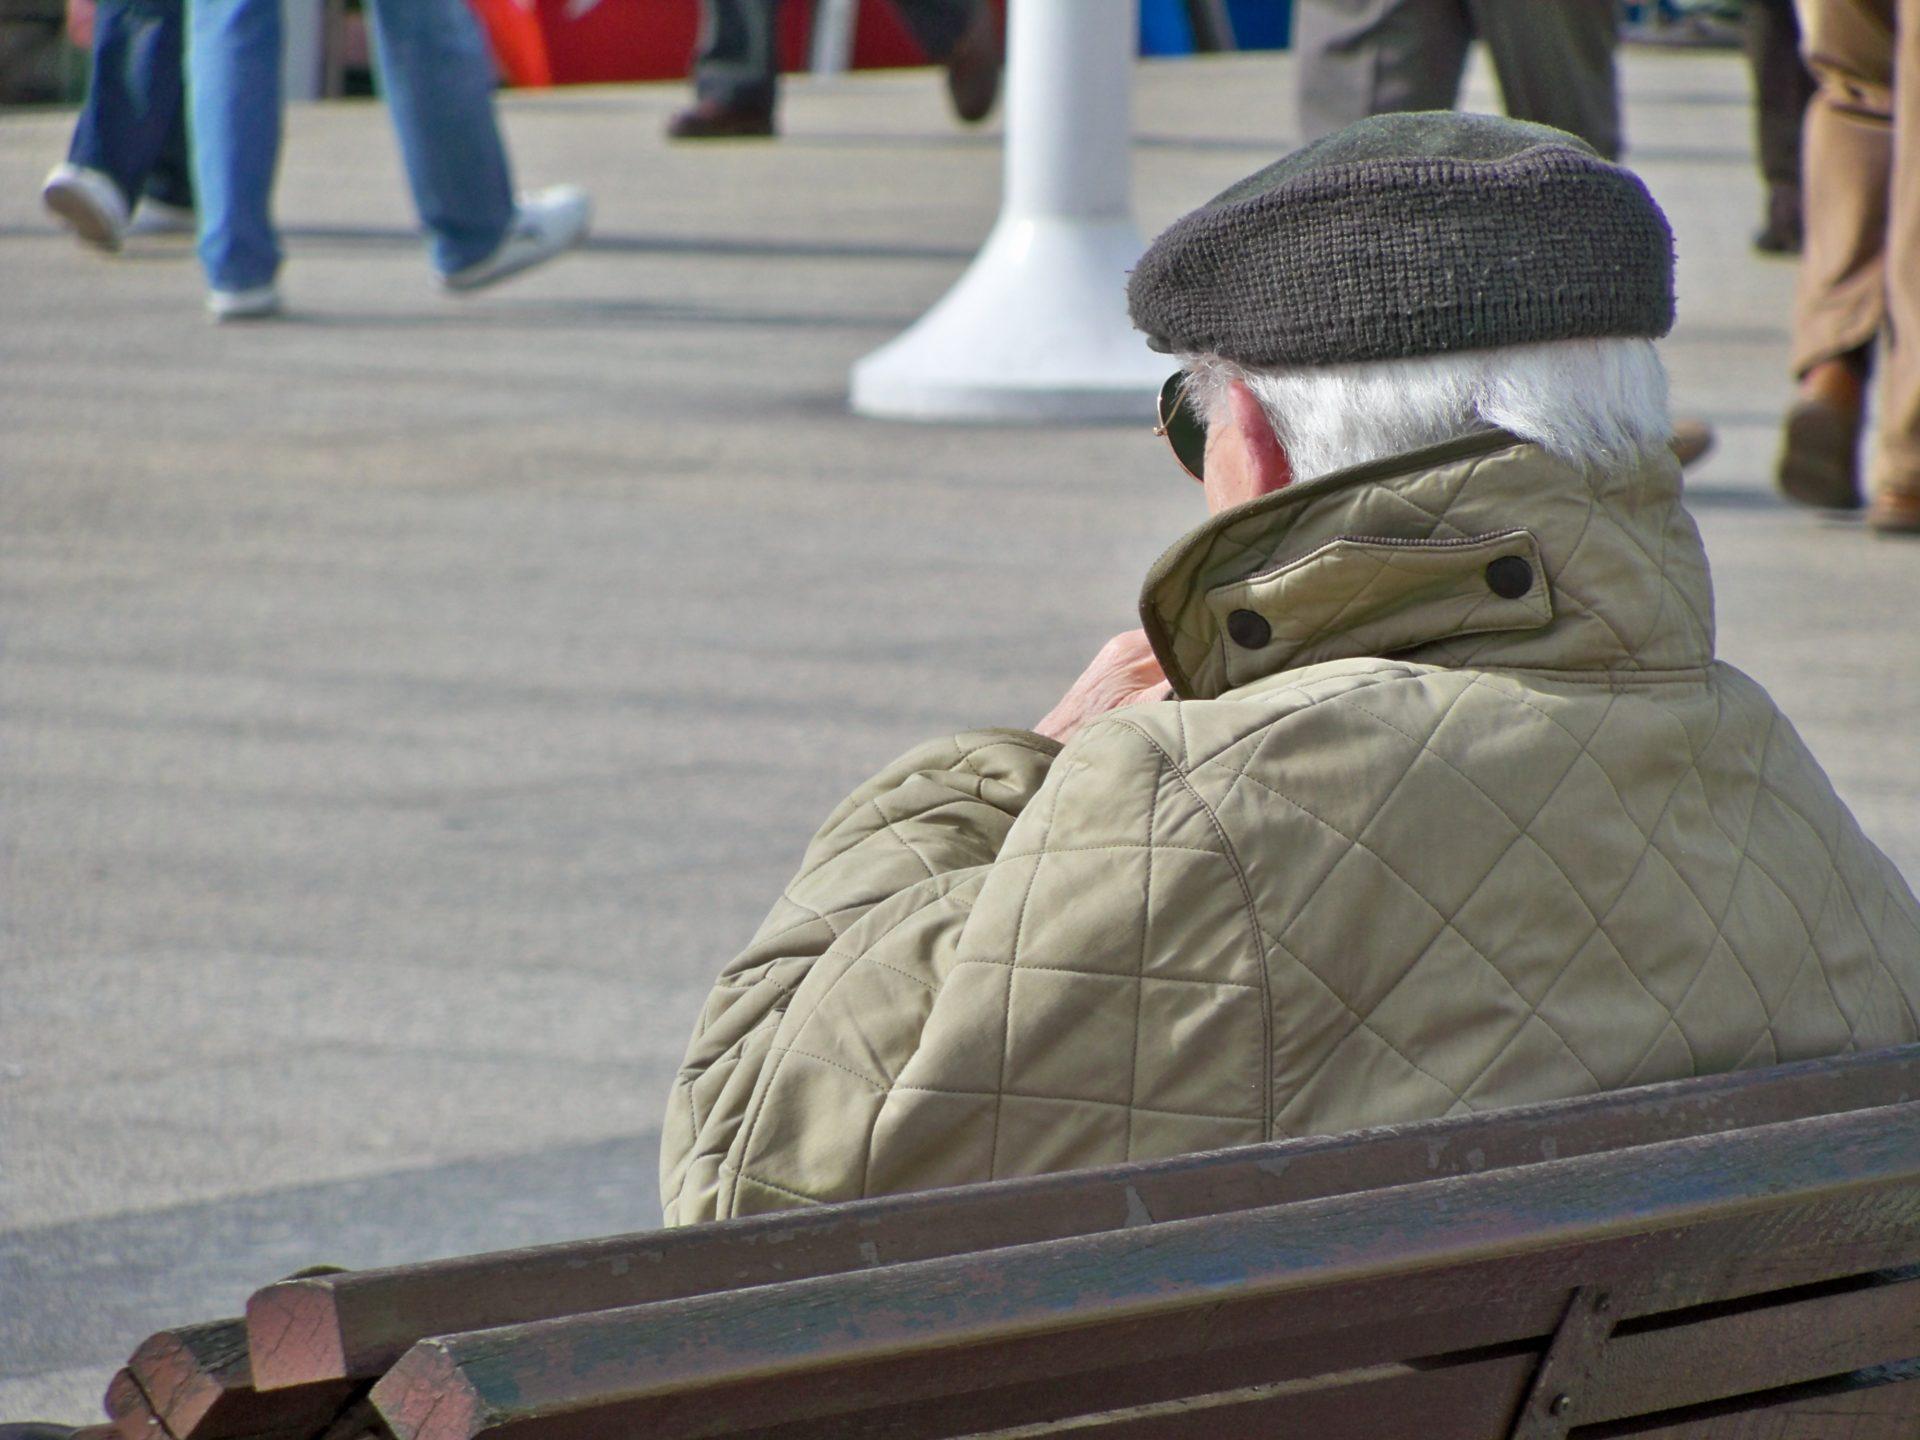 Fotografia de jubilación, pensiones, Seguridad Social, España, Baby boomers, RECURSO, anciano, tercera edad